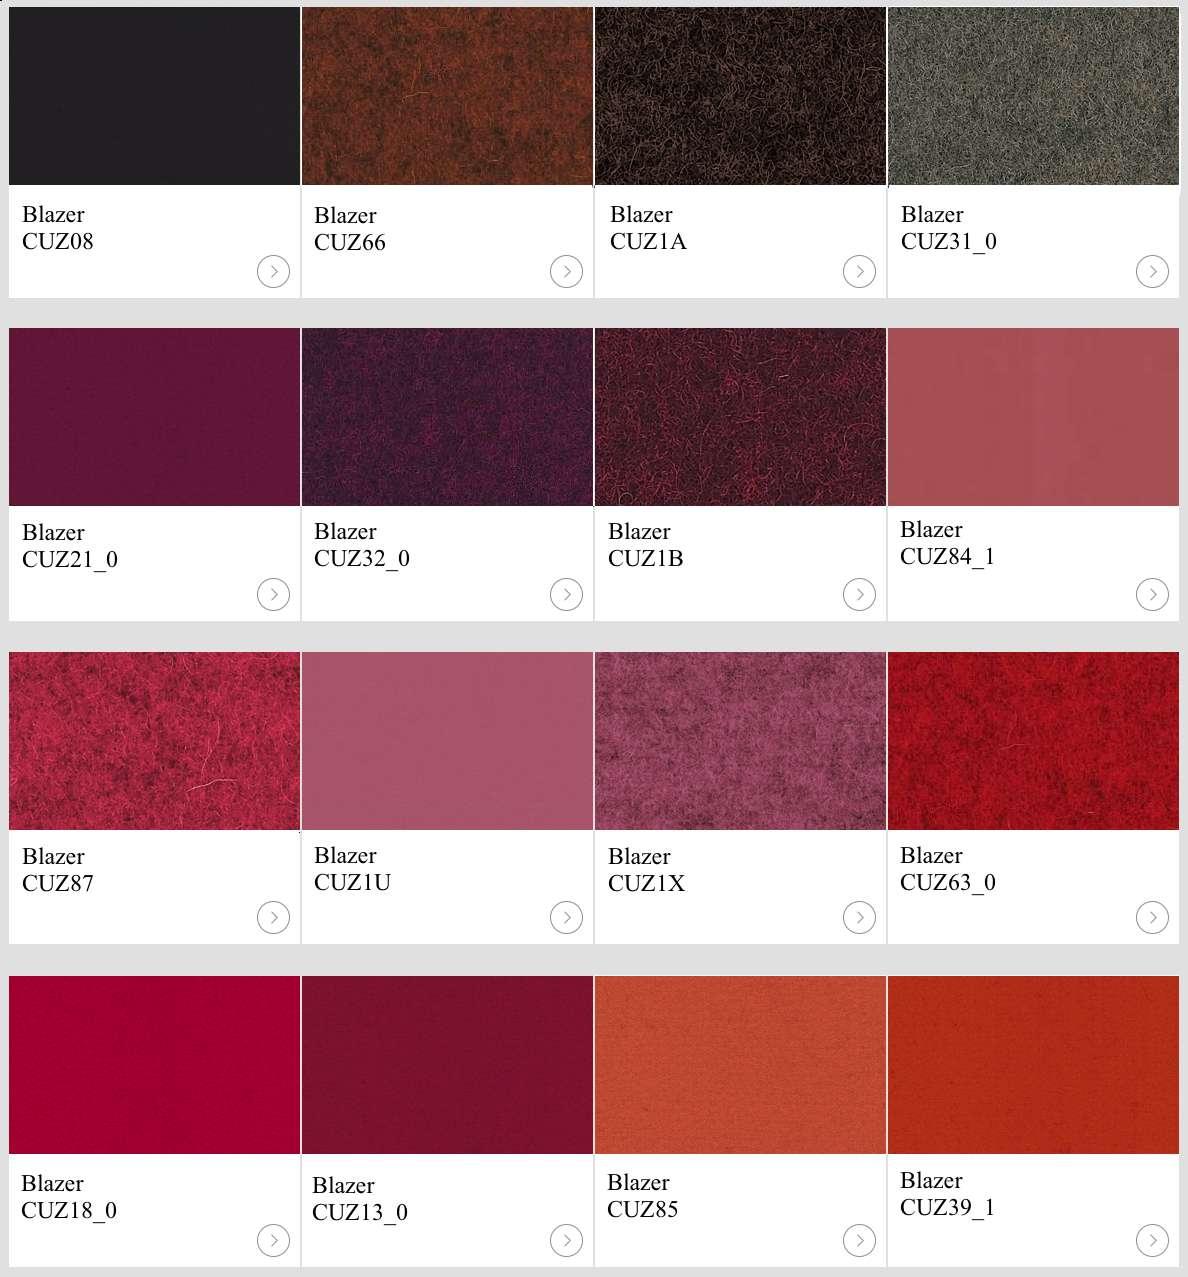 Textil Blazer I kulörer till skärmväggar